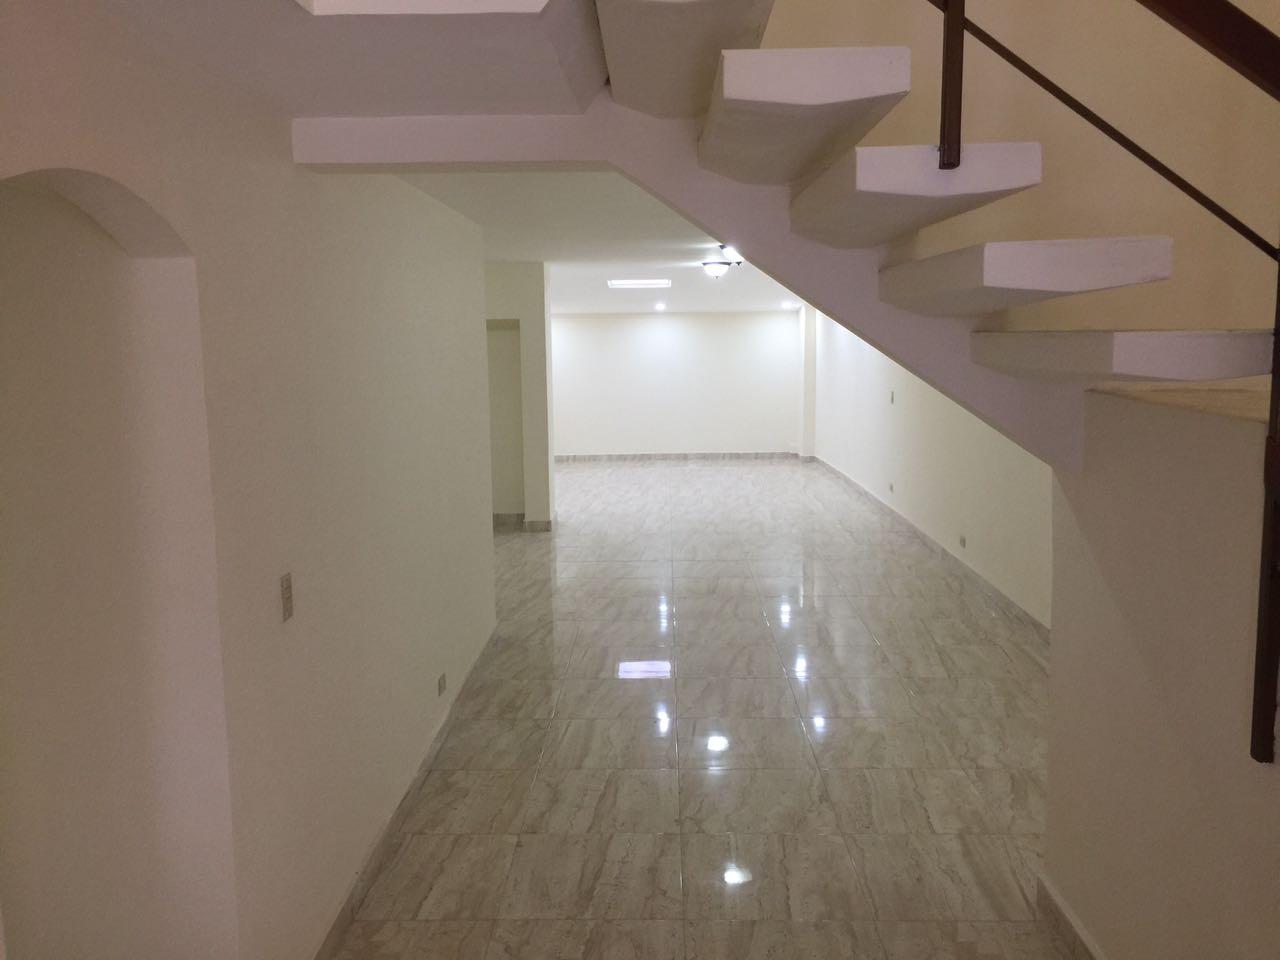 El-Carmen-Panama-property-panamaequityel-carmen-home-close-episcopal-1.jpg